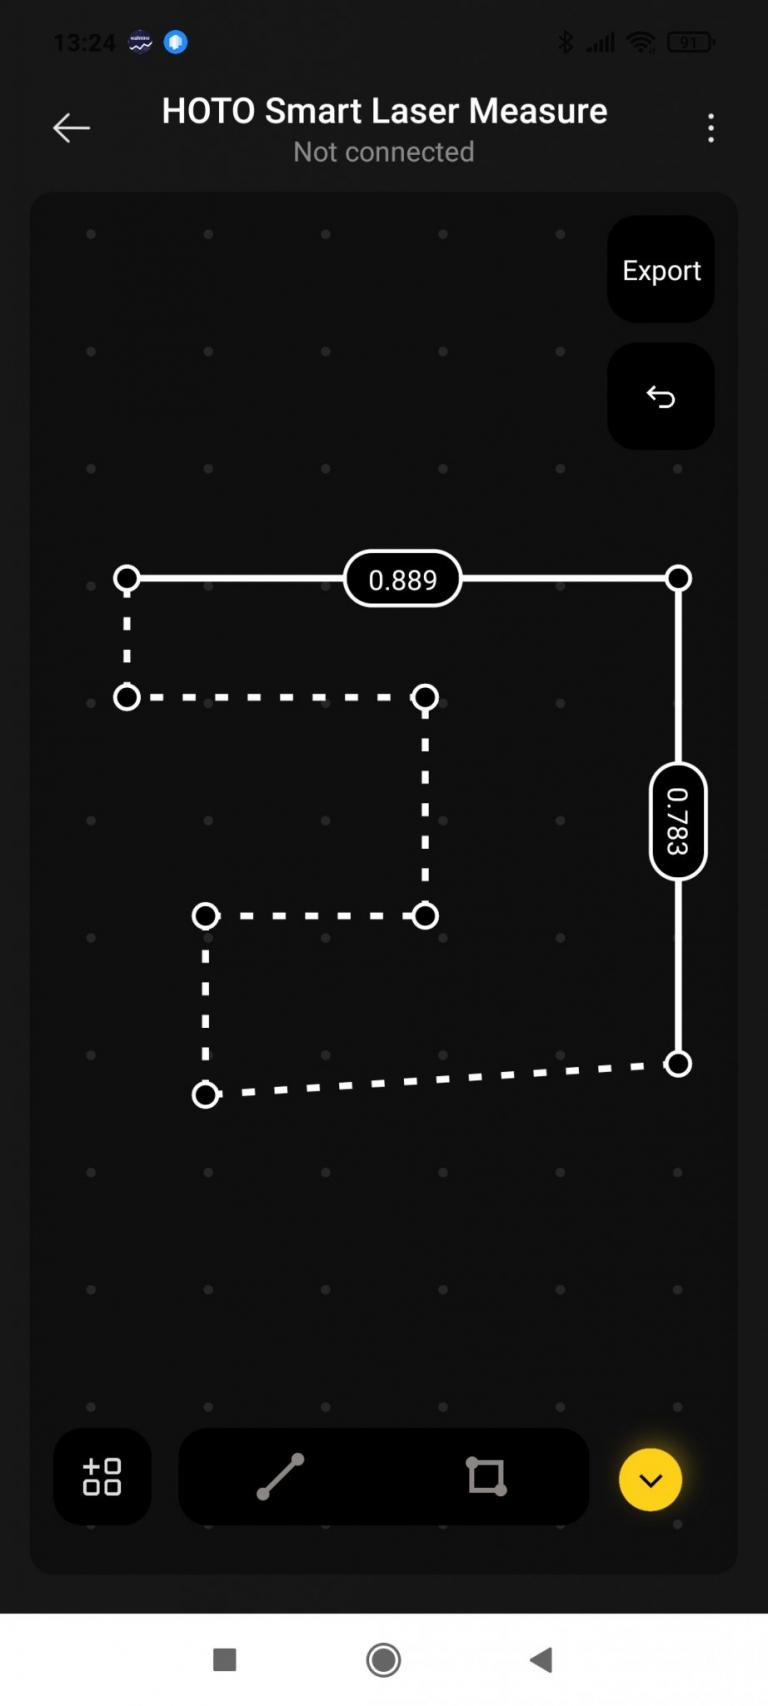 HOTO lézeres okos távolságmérő teszt 22